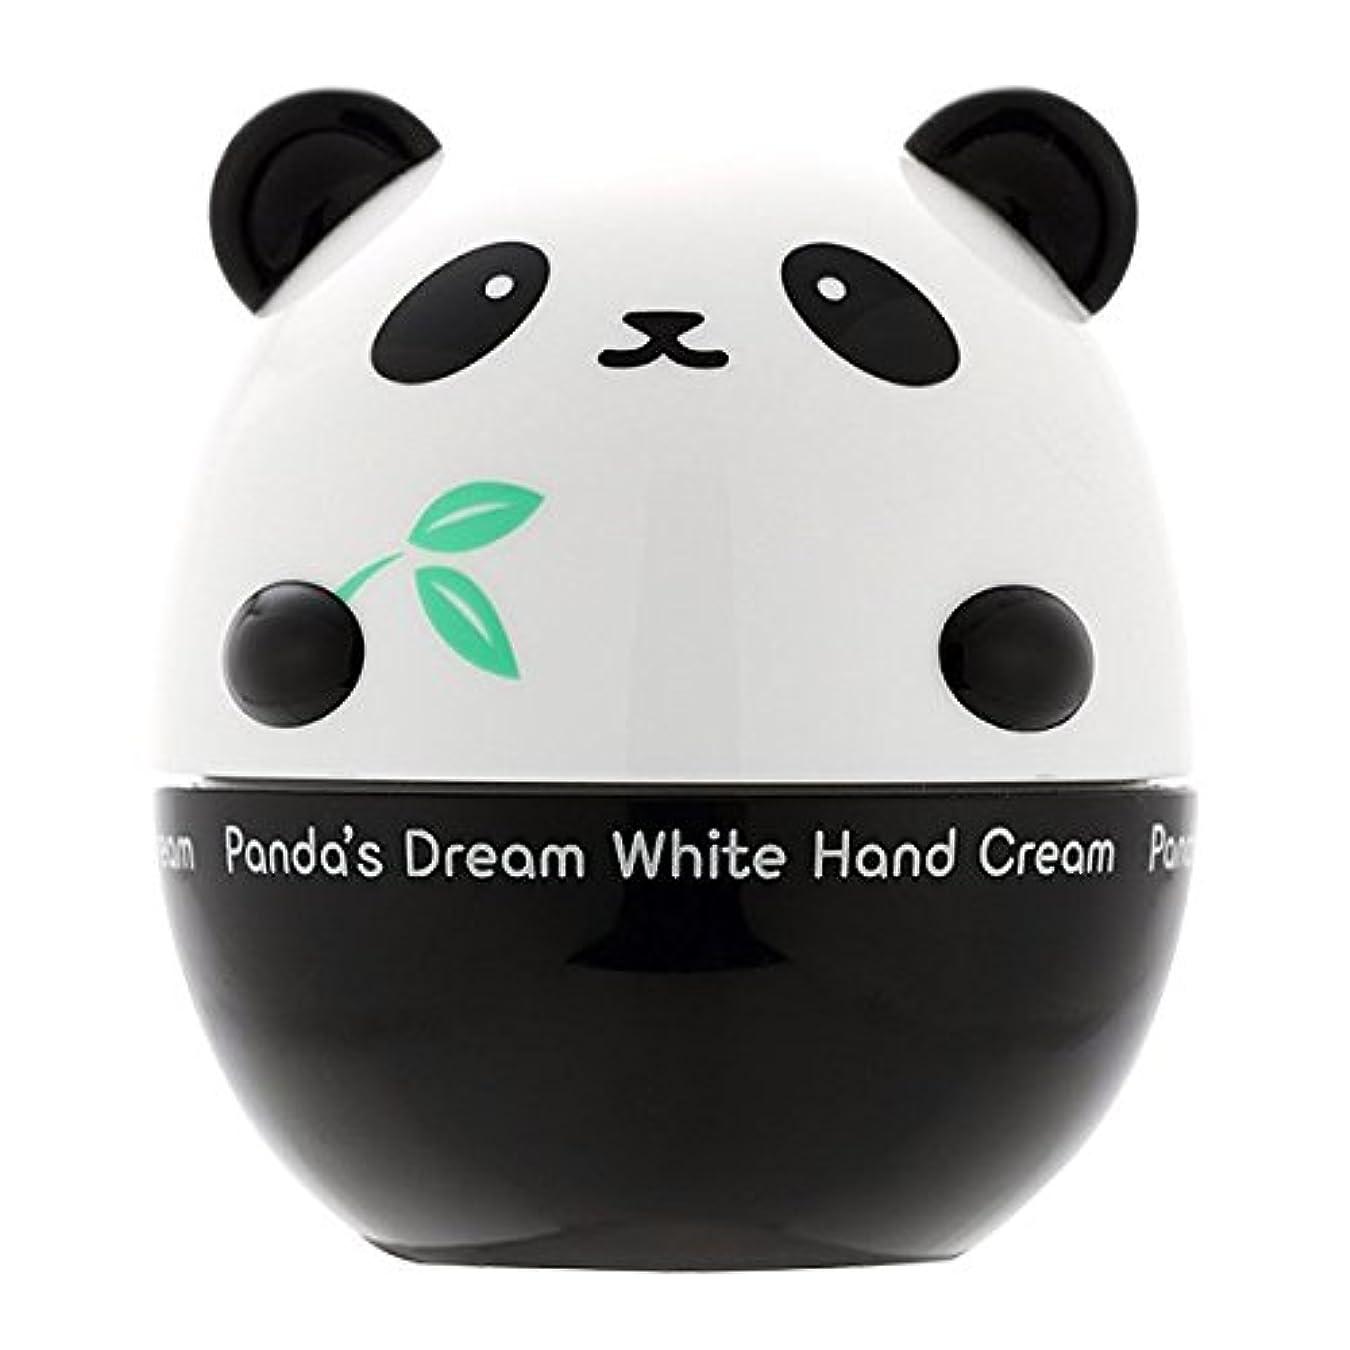 健全ウォーターフロント許可するTONYMOLY パンダのゆめ ホワイトマジッククリーム 50g Panda's Dream White Magic Cream 照明クリームトニーモリー下地の代わりに美肌クリーム美肌成分含有 【韓国コスメ】トニーモリー